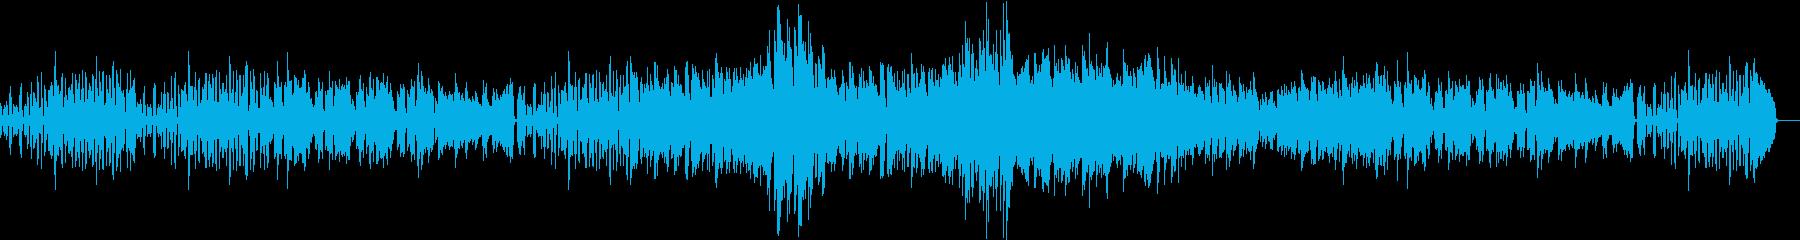 クライスレリアーナ第5曲の再生済みの波形